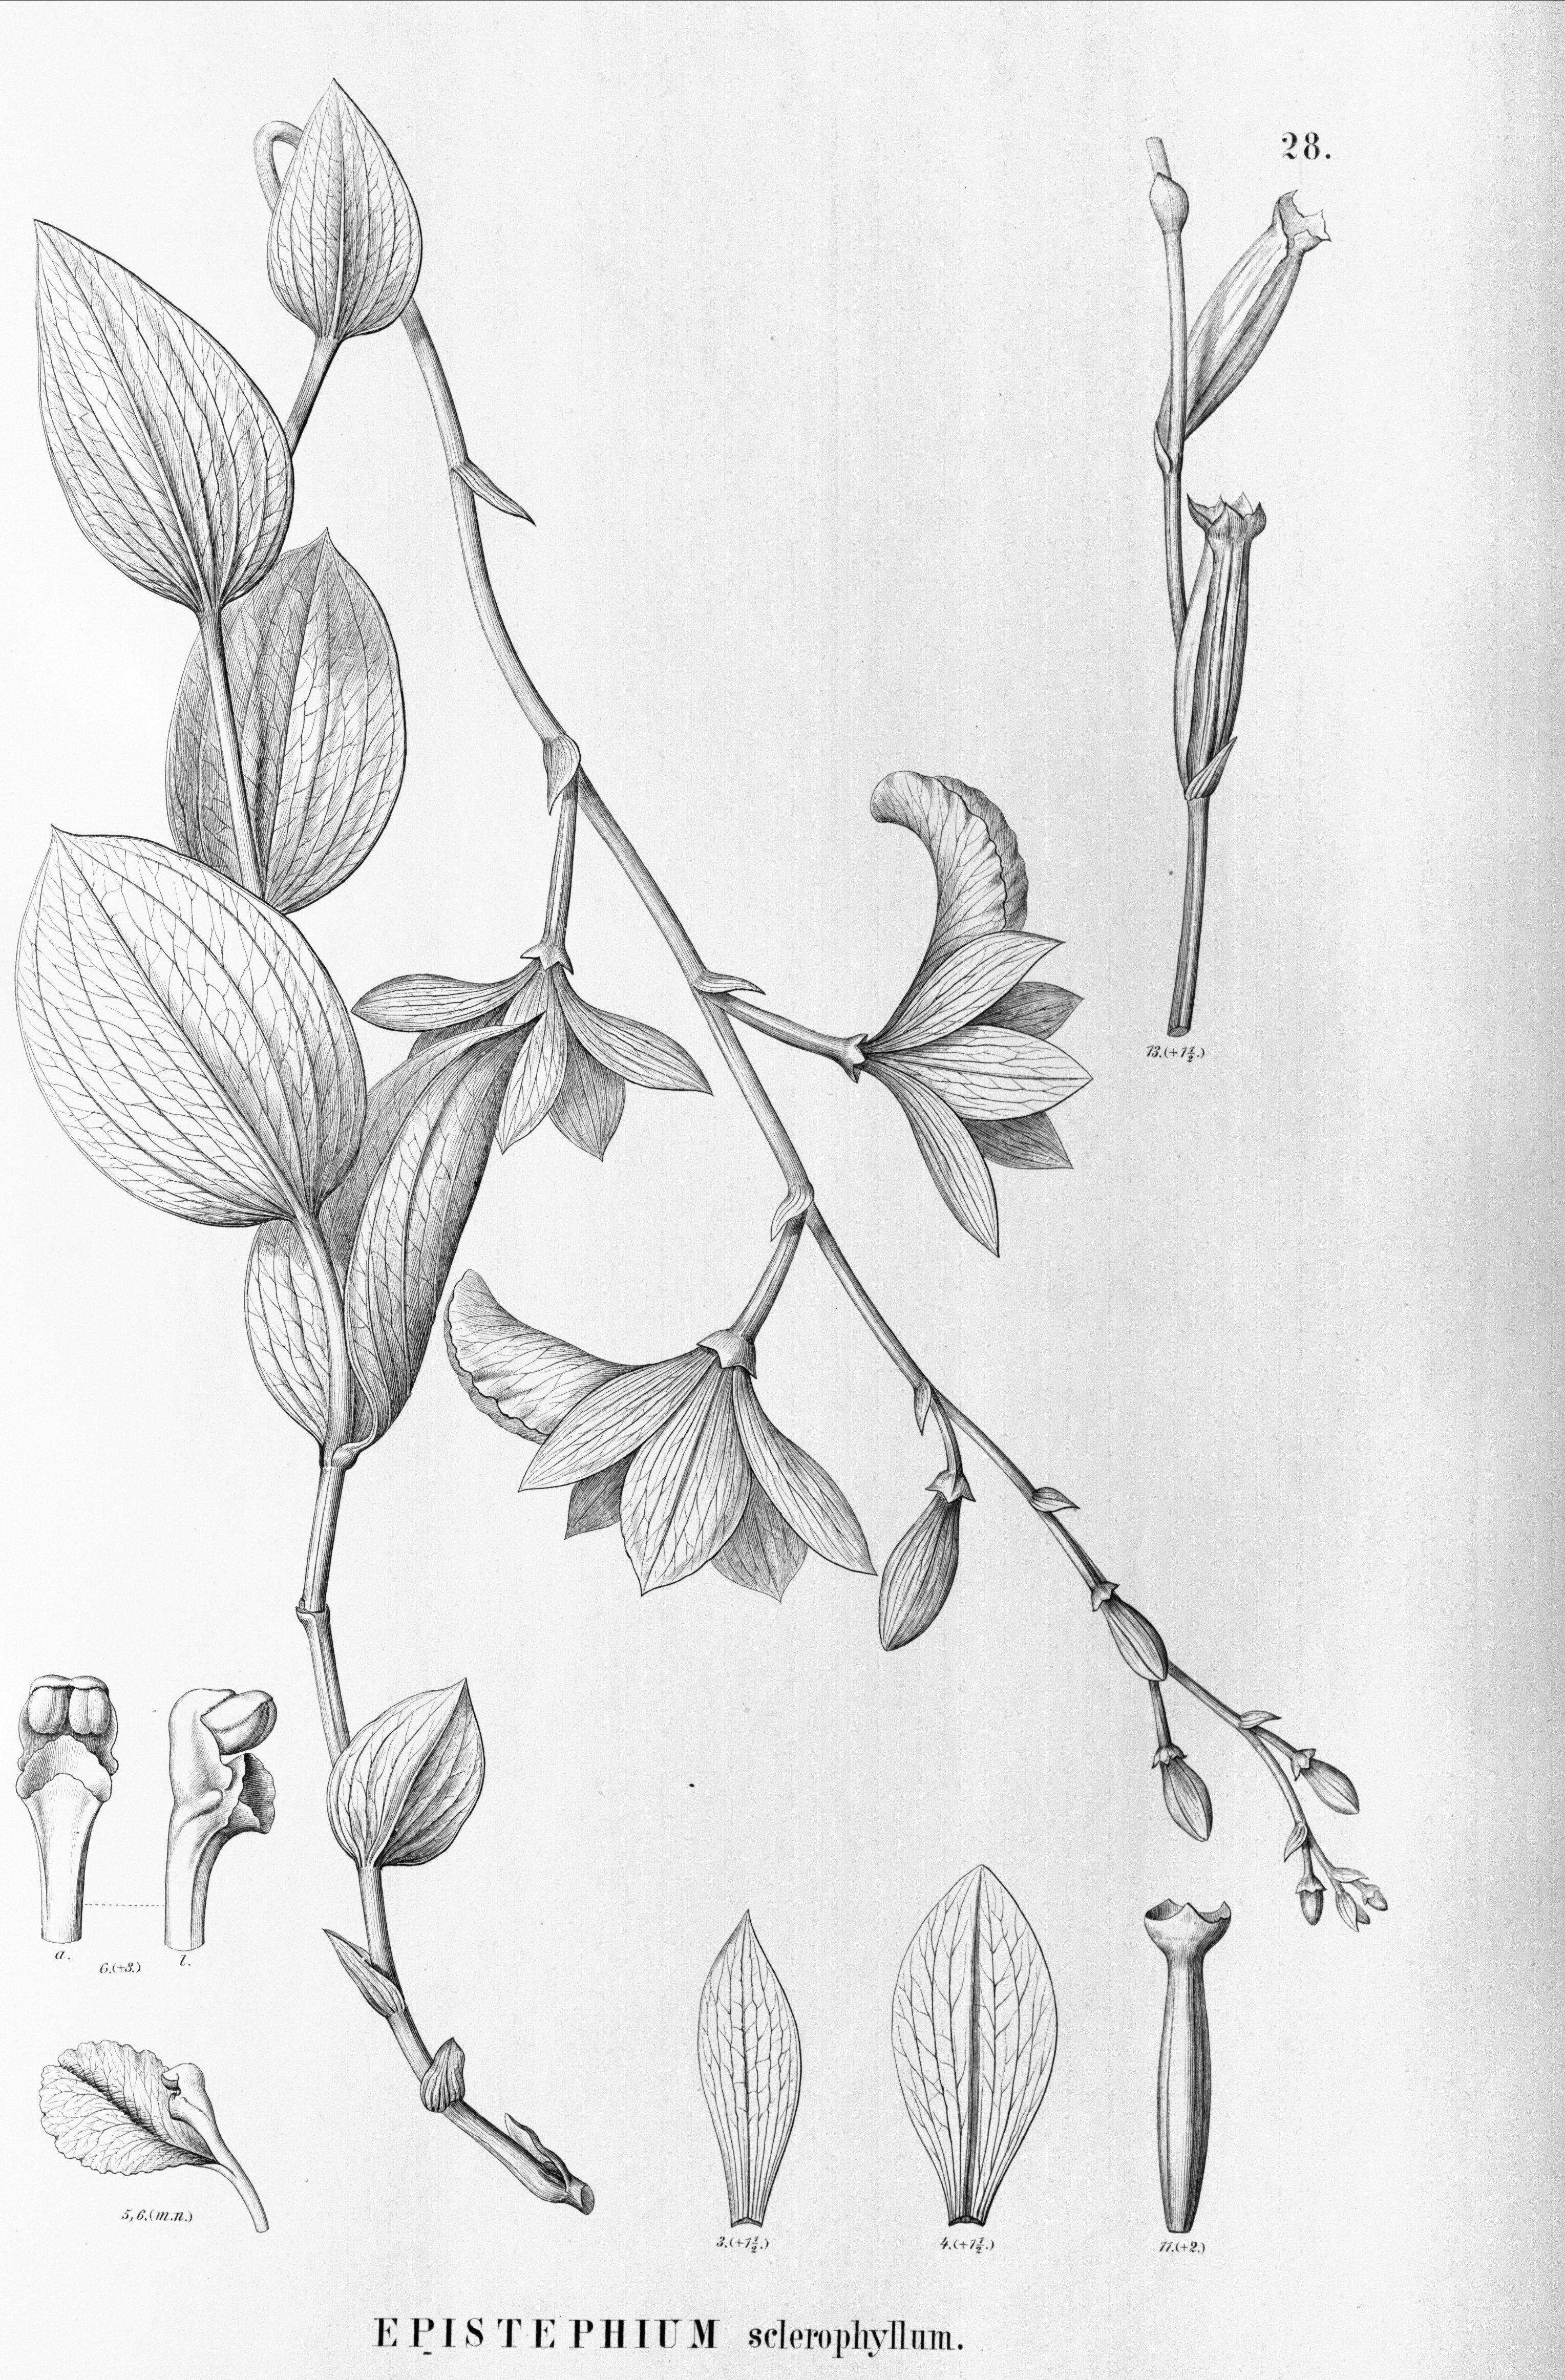 Image of Epistephium